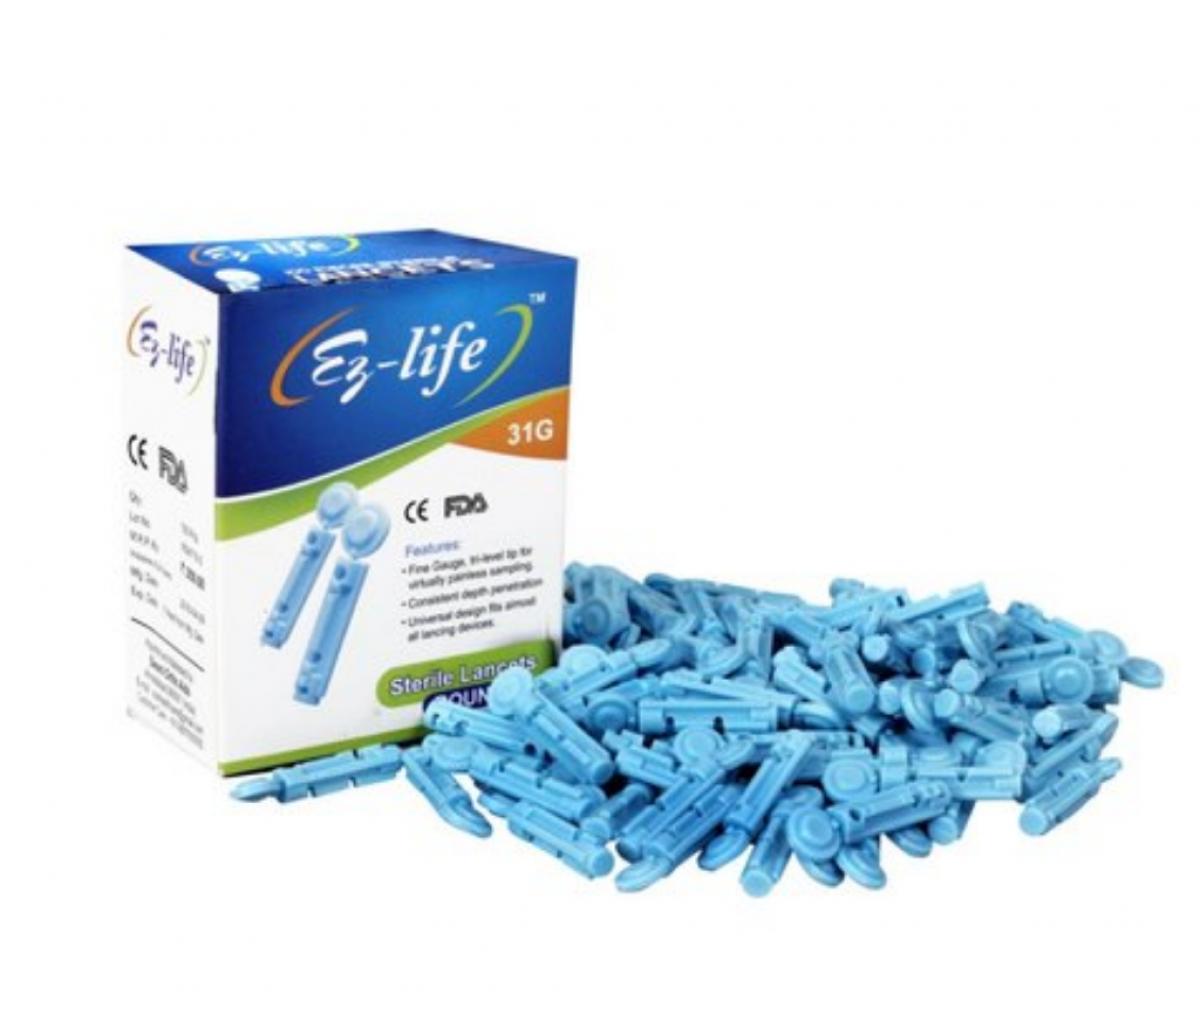 Ez-life Sterile Lancets